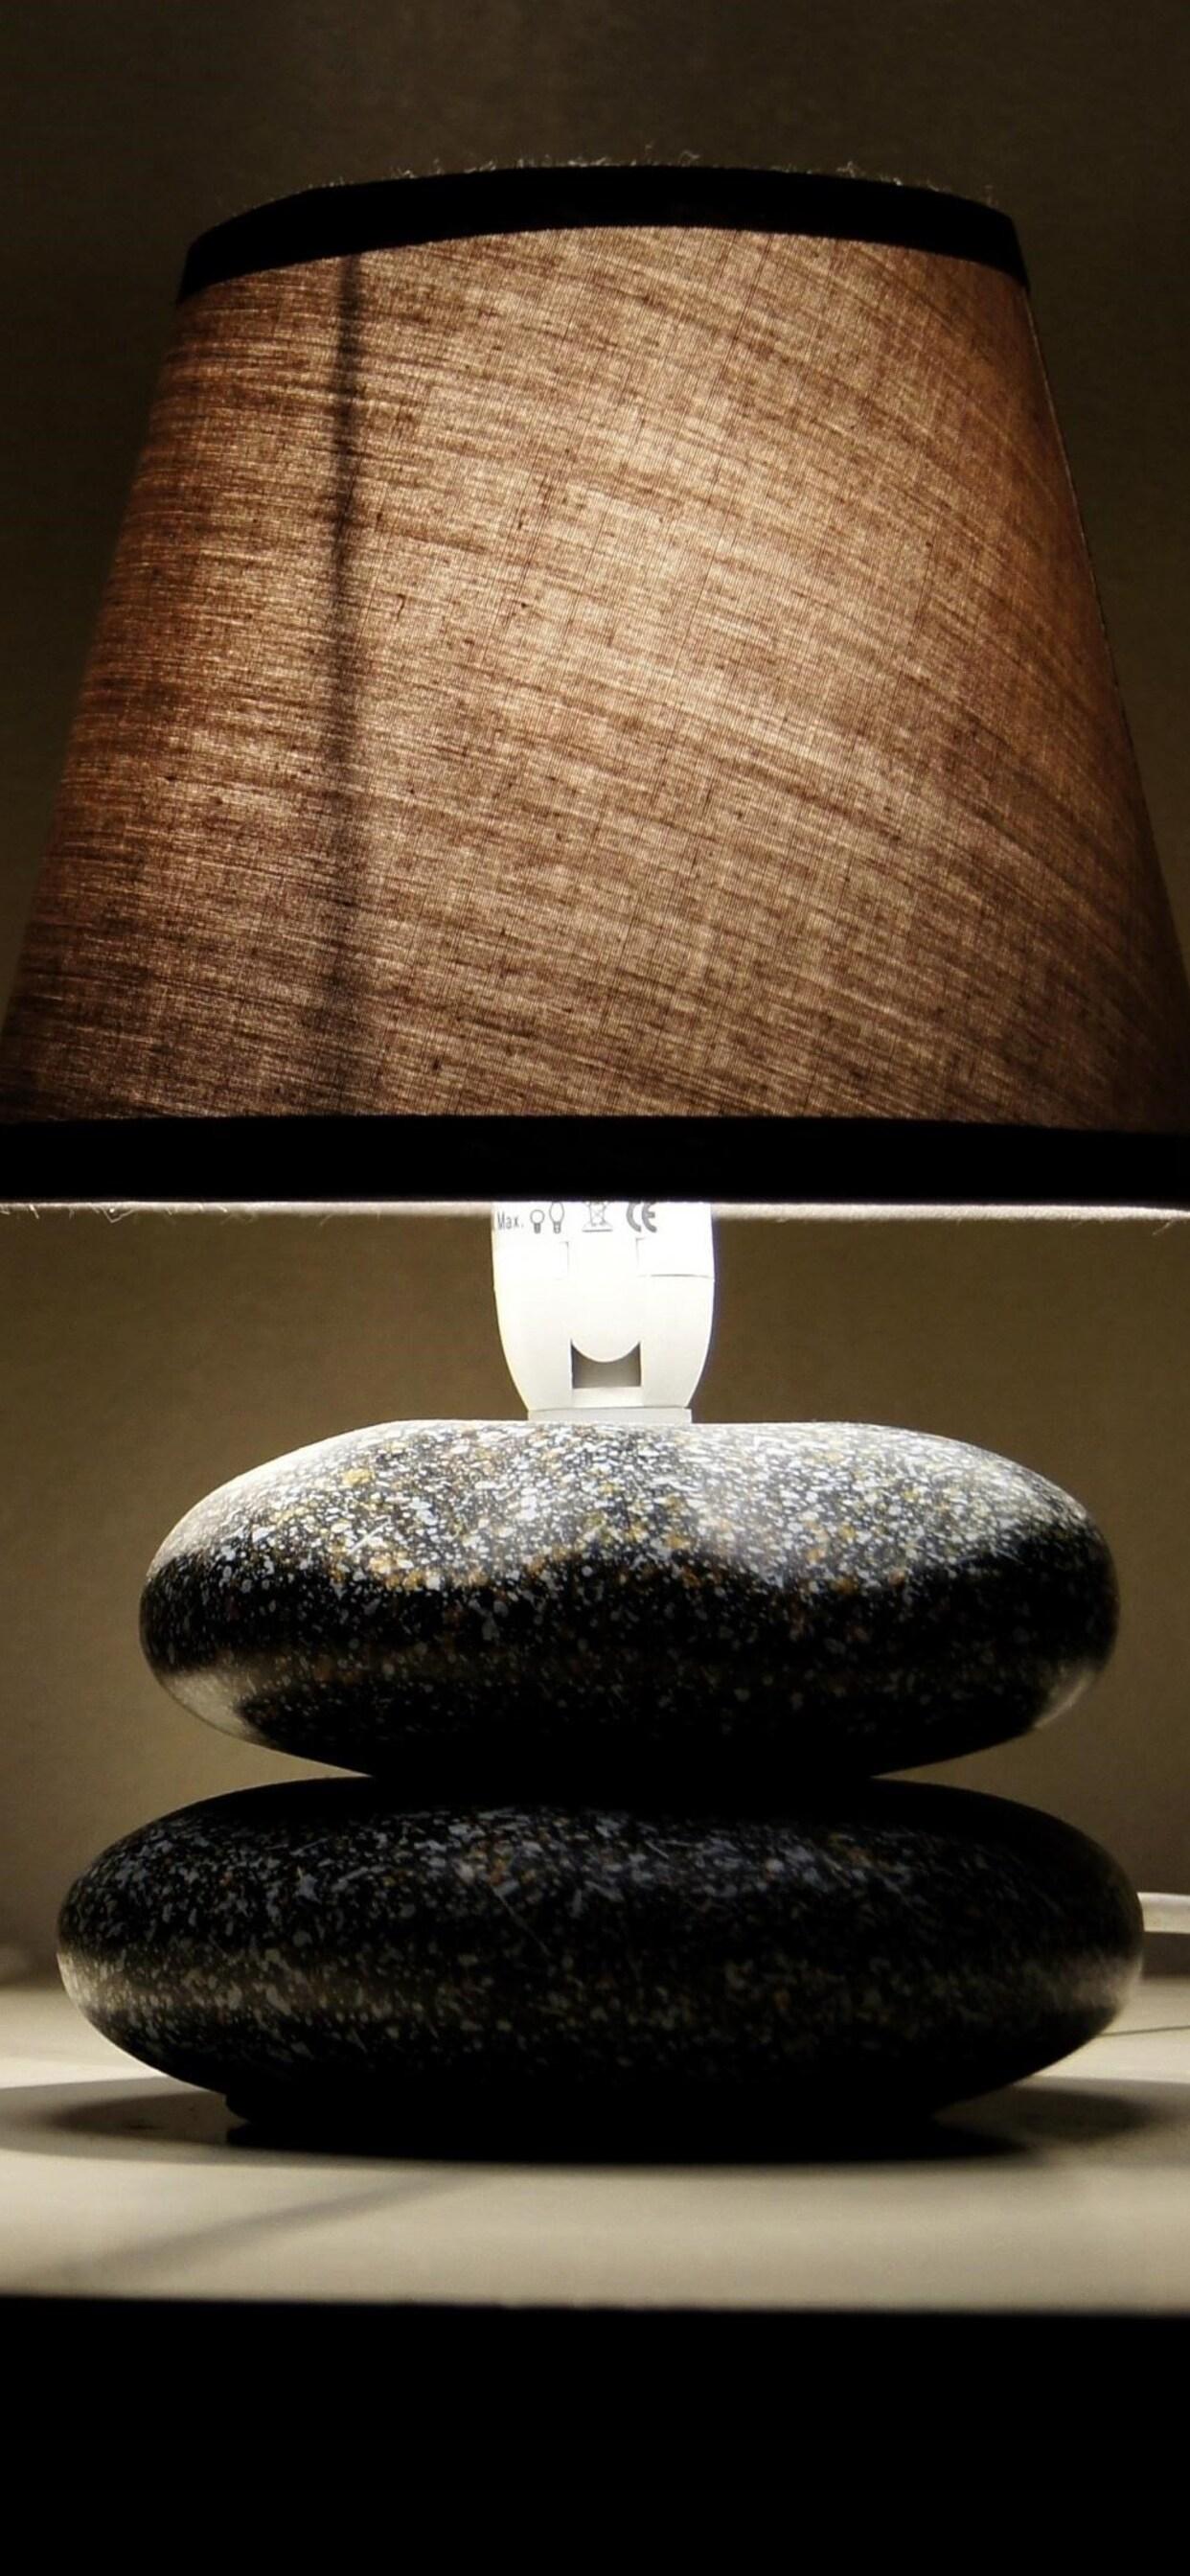 glowing-lamp-in-room.jpg